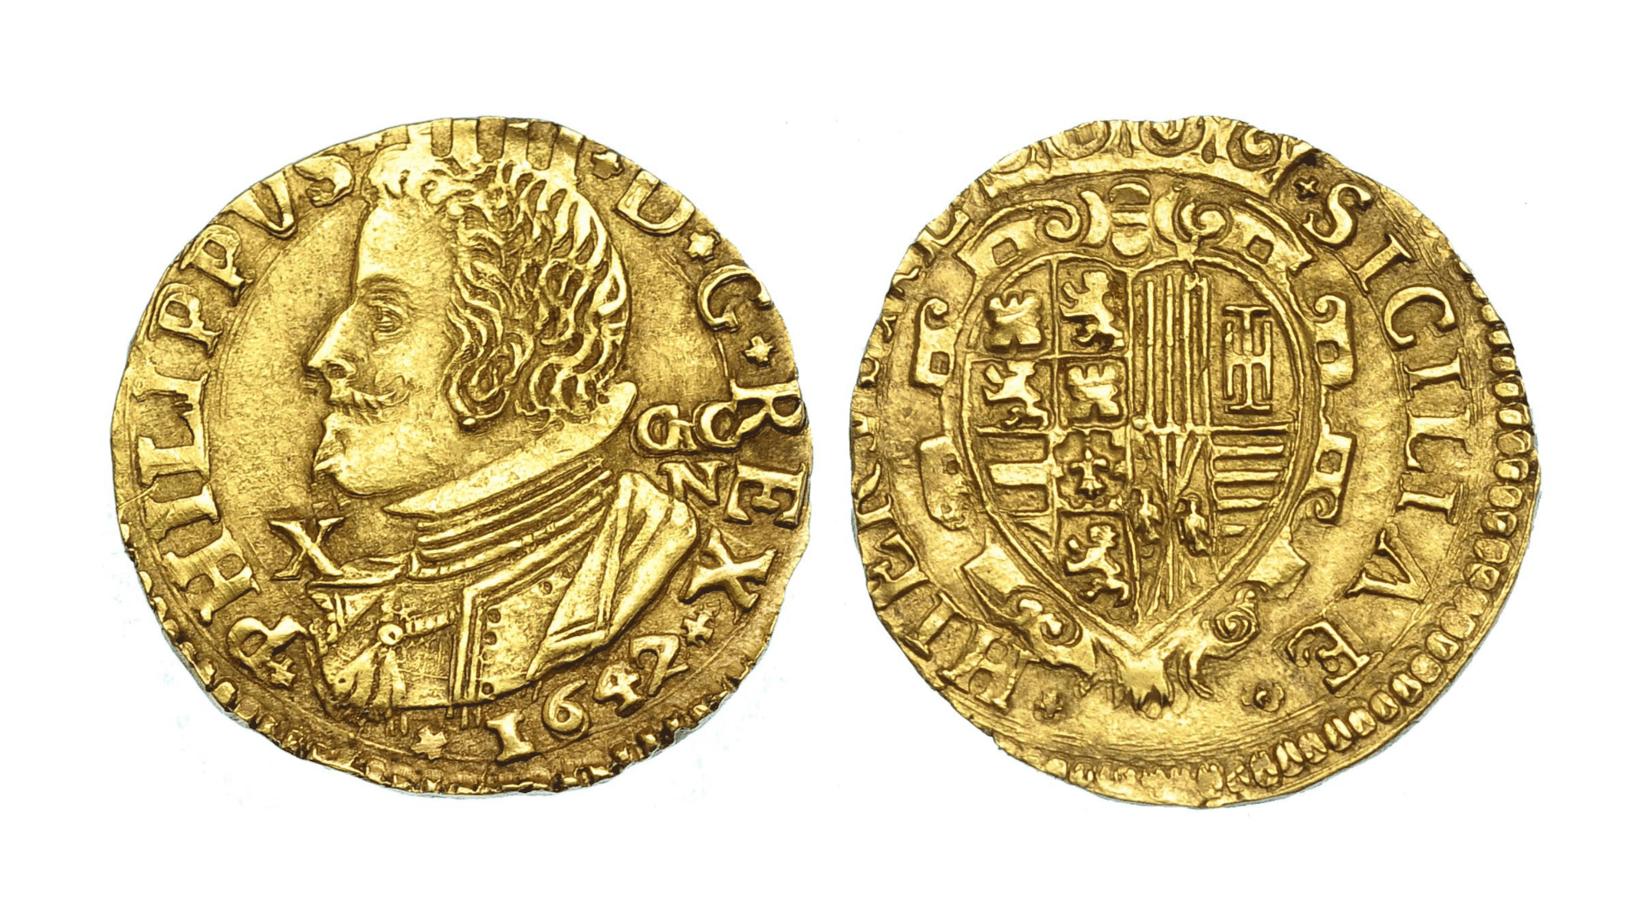 Escudo de Nápoles, 1647